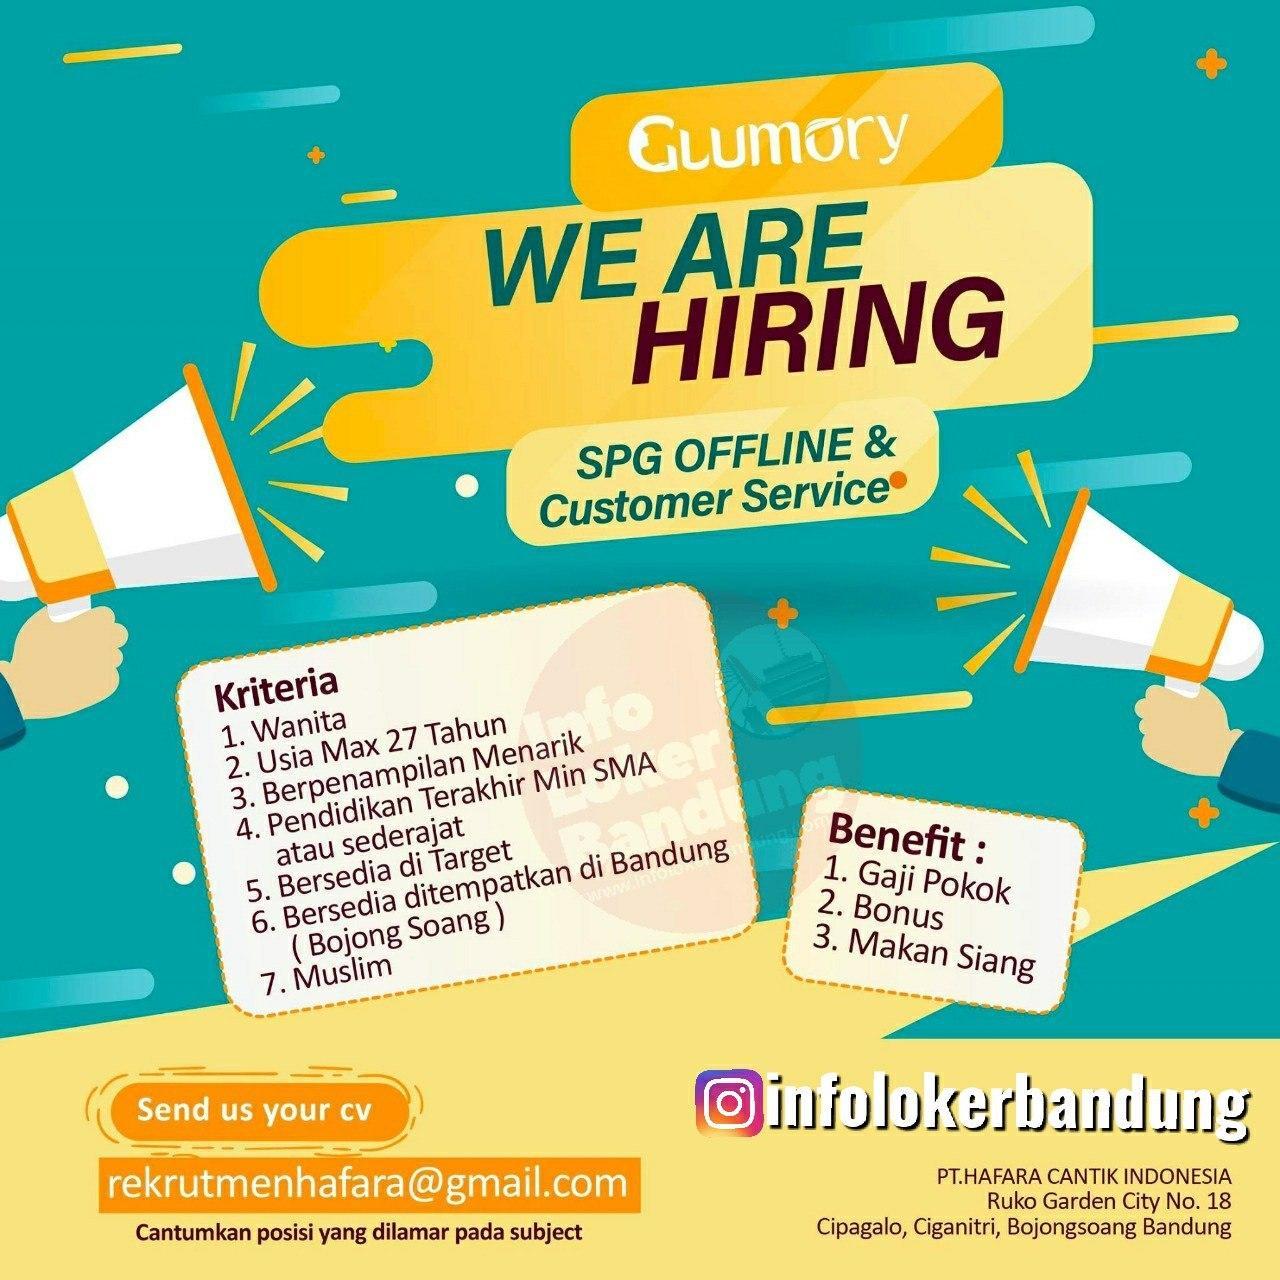 Lowongan Kerja SPG Offline & Customer Service Glomory Bandung Januari 2020